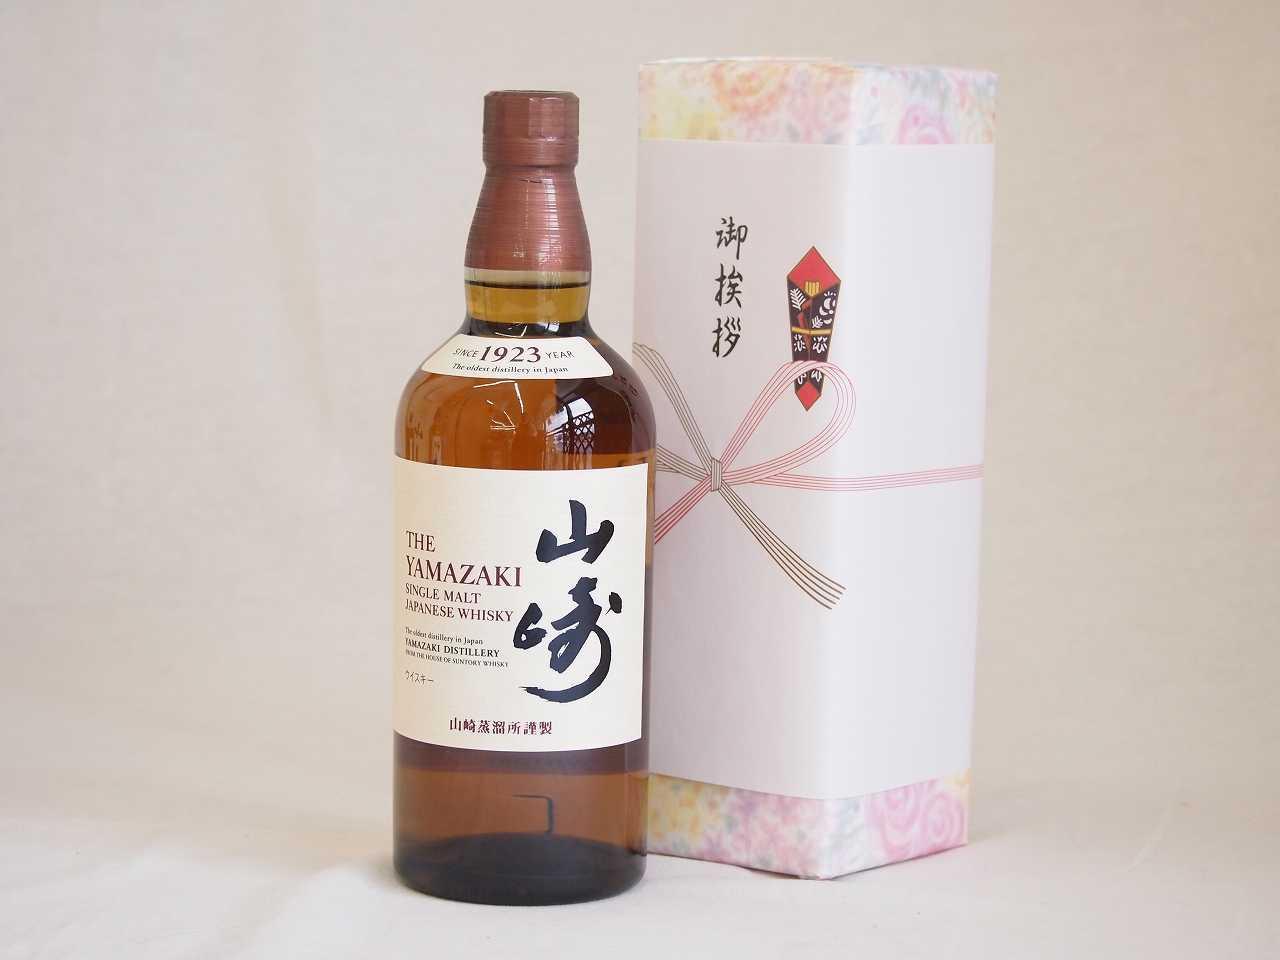 贈り物セット サントリーウイスキー 山崎シングルモルト 43度 yamazakiwhisky 700ml(ギフト対応可)